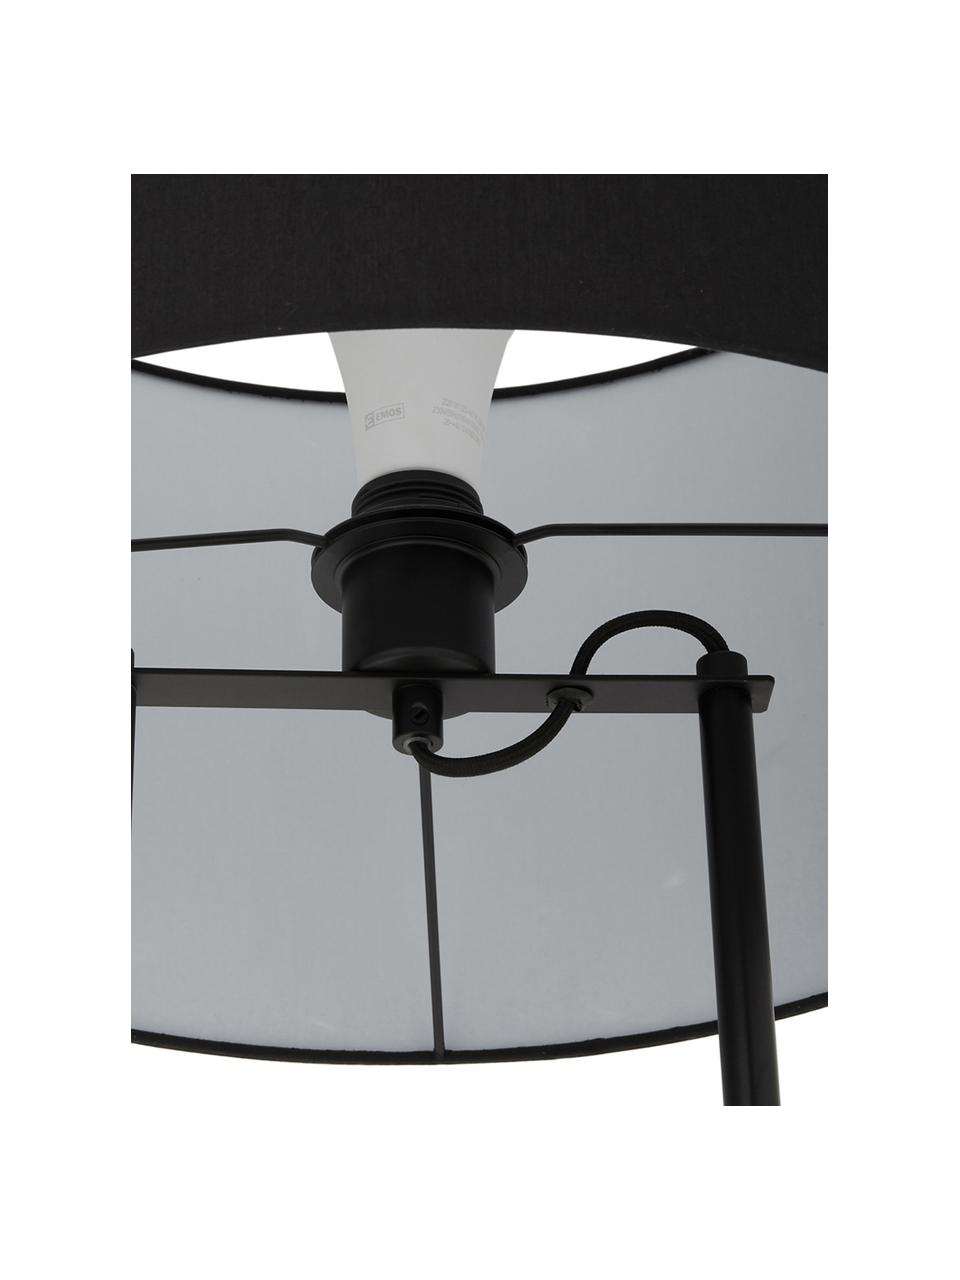 Lampadaire avec pied en béton Pipero, Abat-jour: noir Pied de lampe: noir, mat, gris Câble: noir